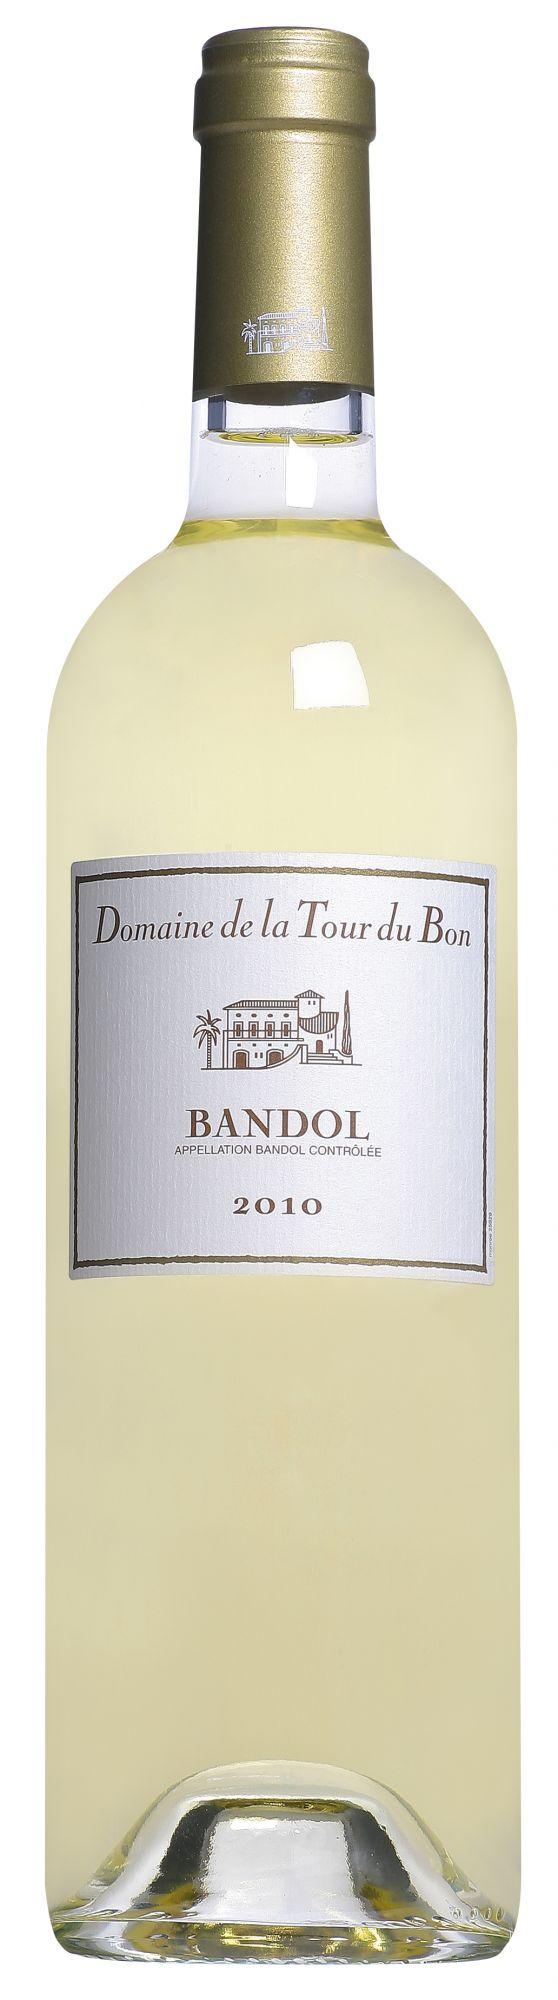 Domaine de la Tour du Bon Bandol wit